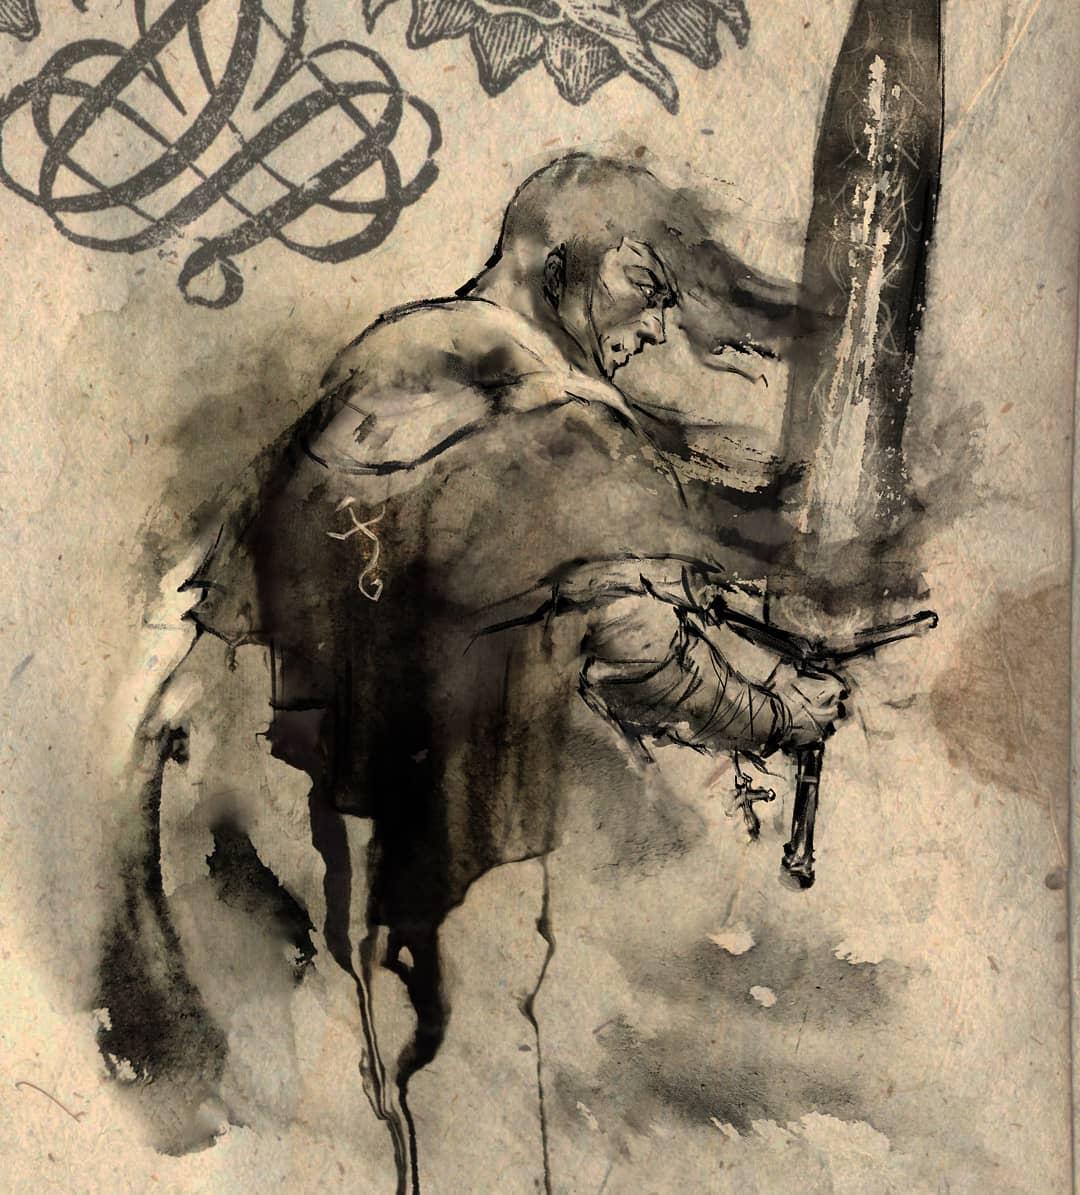 魂与墨的交织!来看看这些艺术家创作的魂系列美图吧